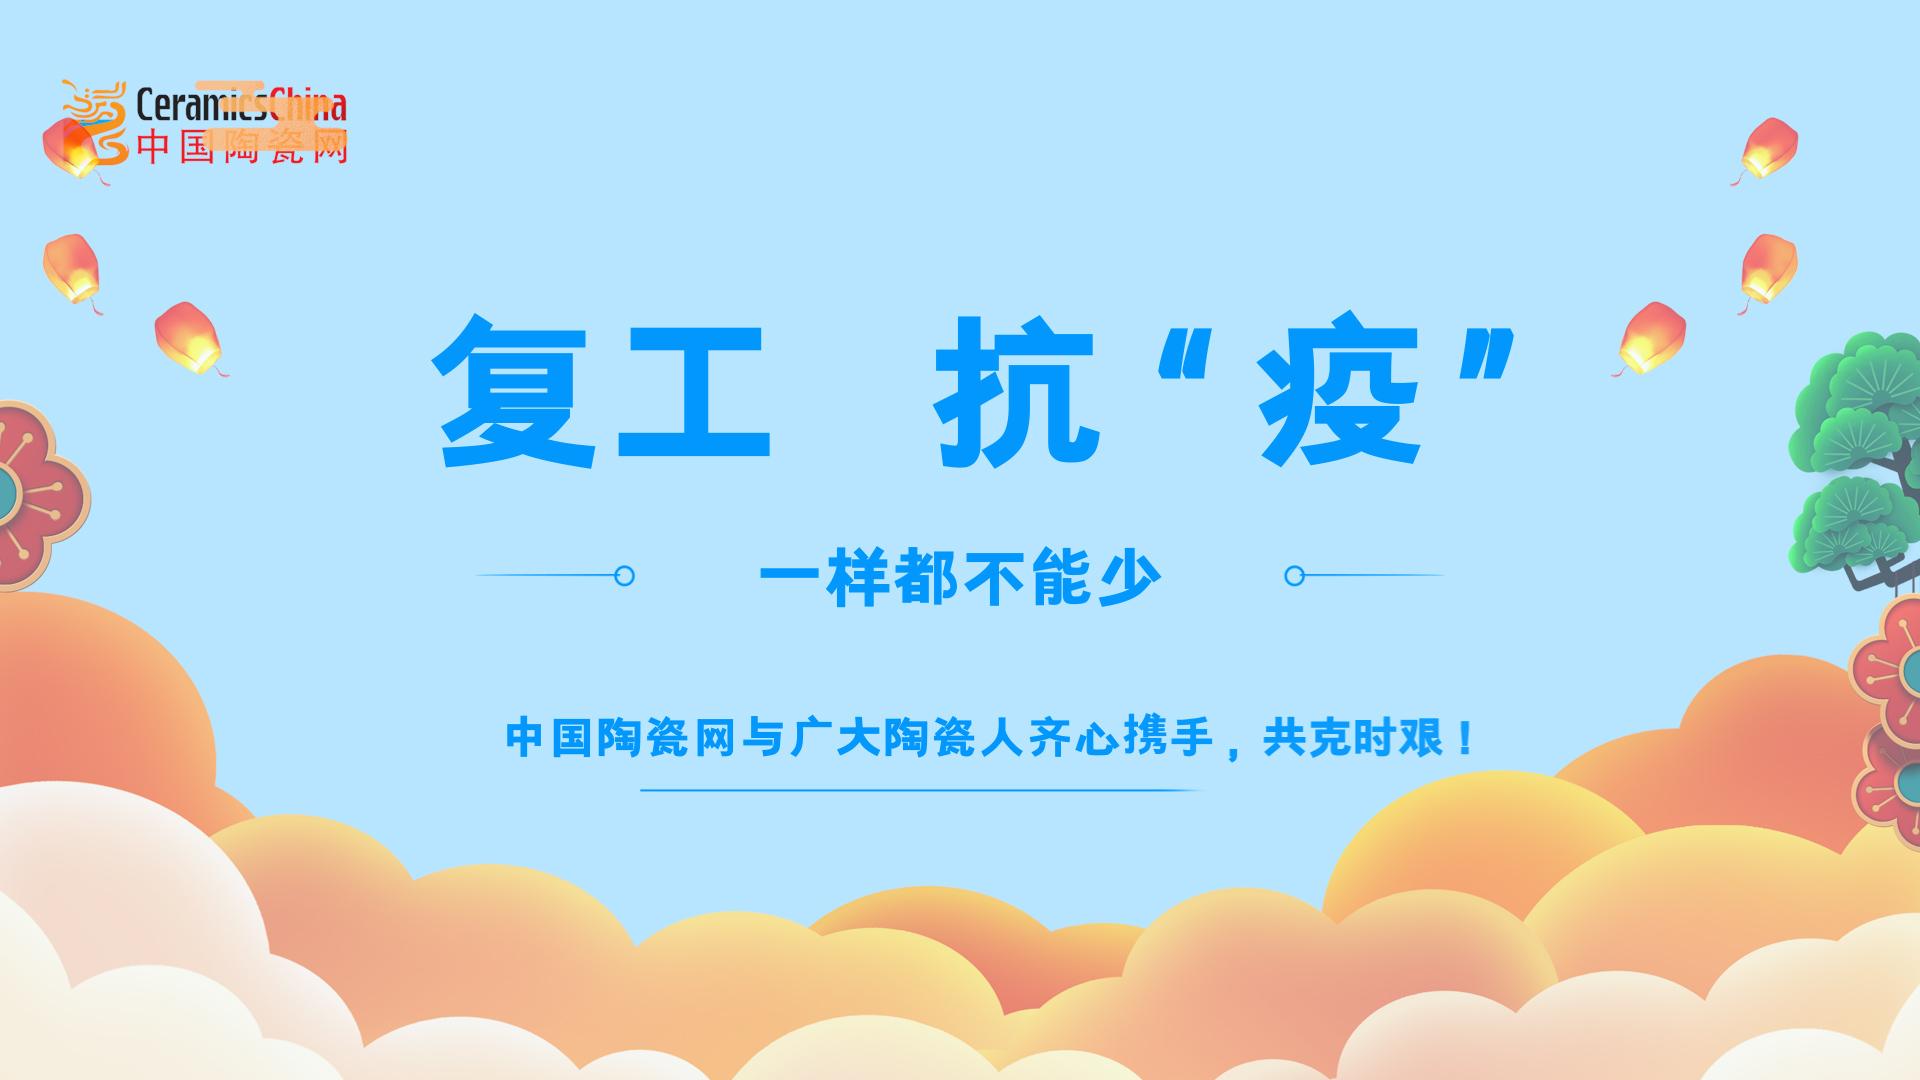 """复工、抗""""疫"""",一样都不能少。中国陶瓷网与广大陶瓷人齐心携手,共克时艰!"""